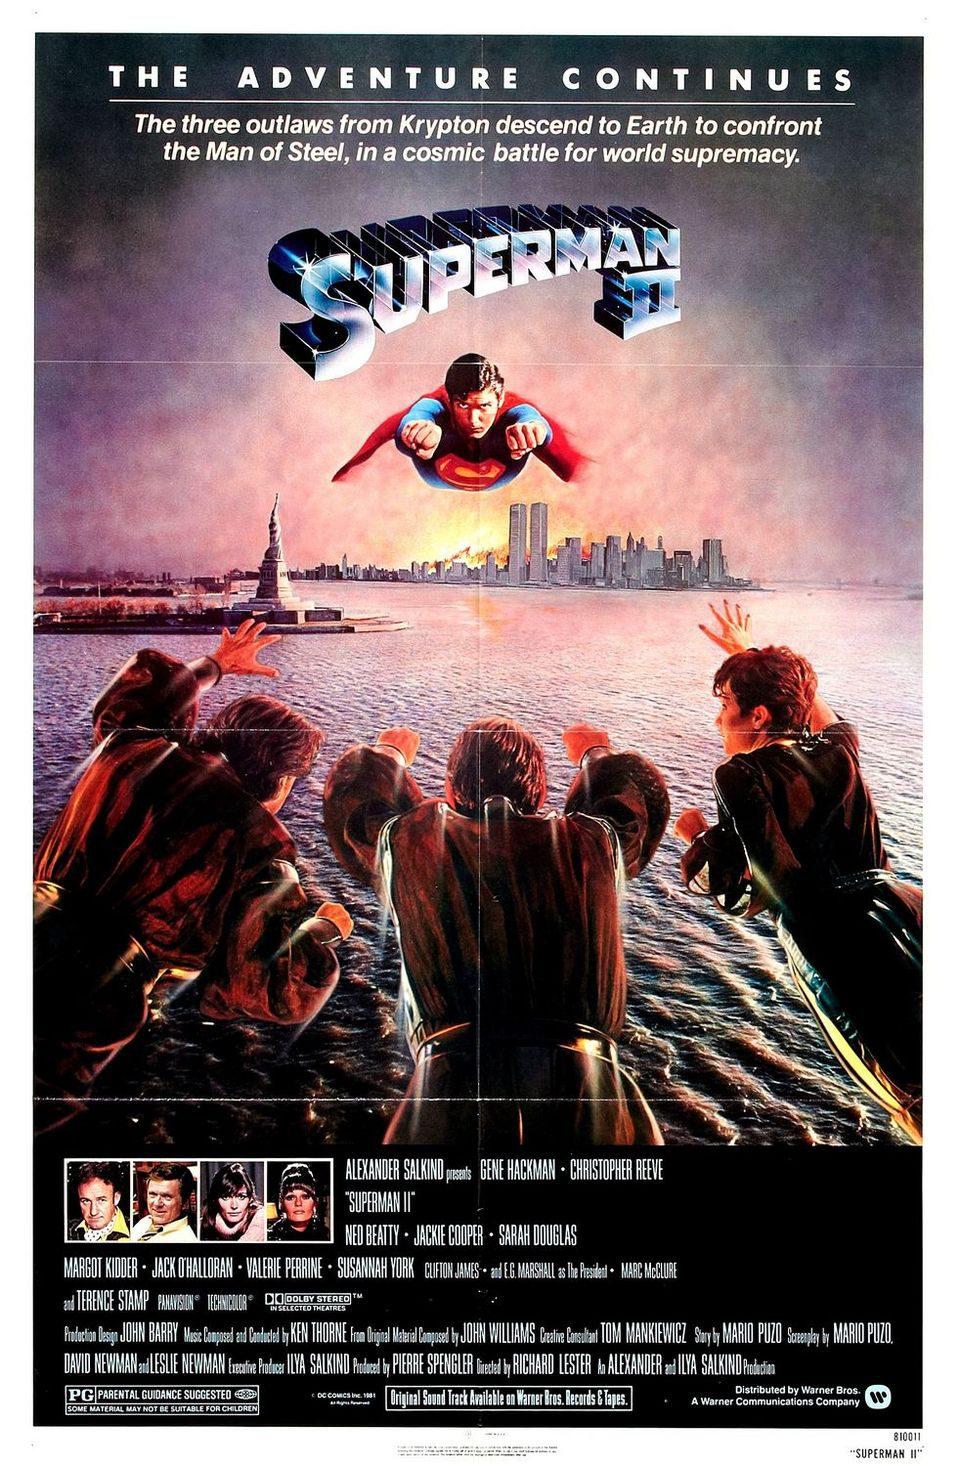 EEUU poster for Superman II